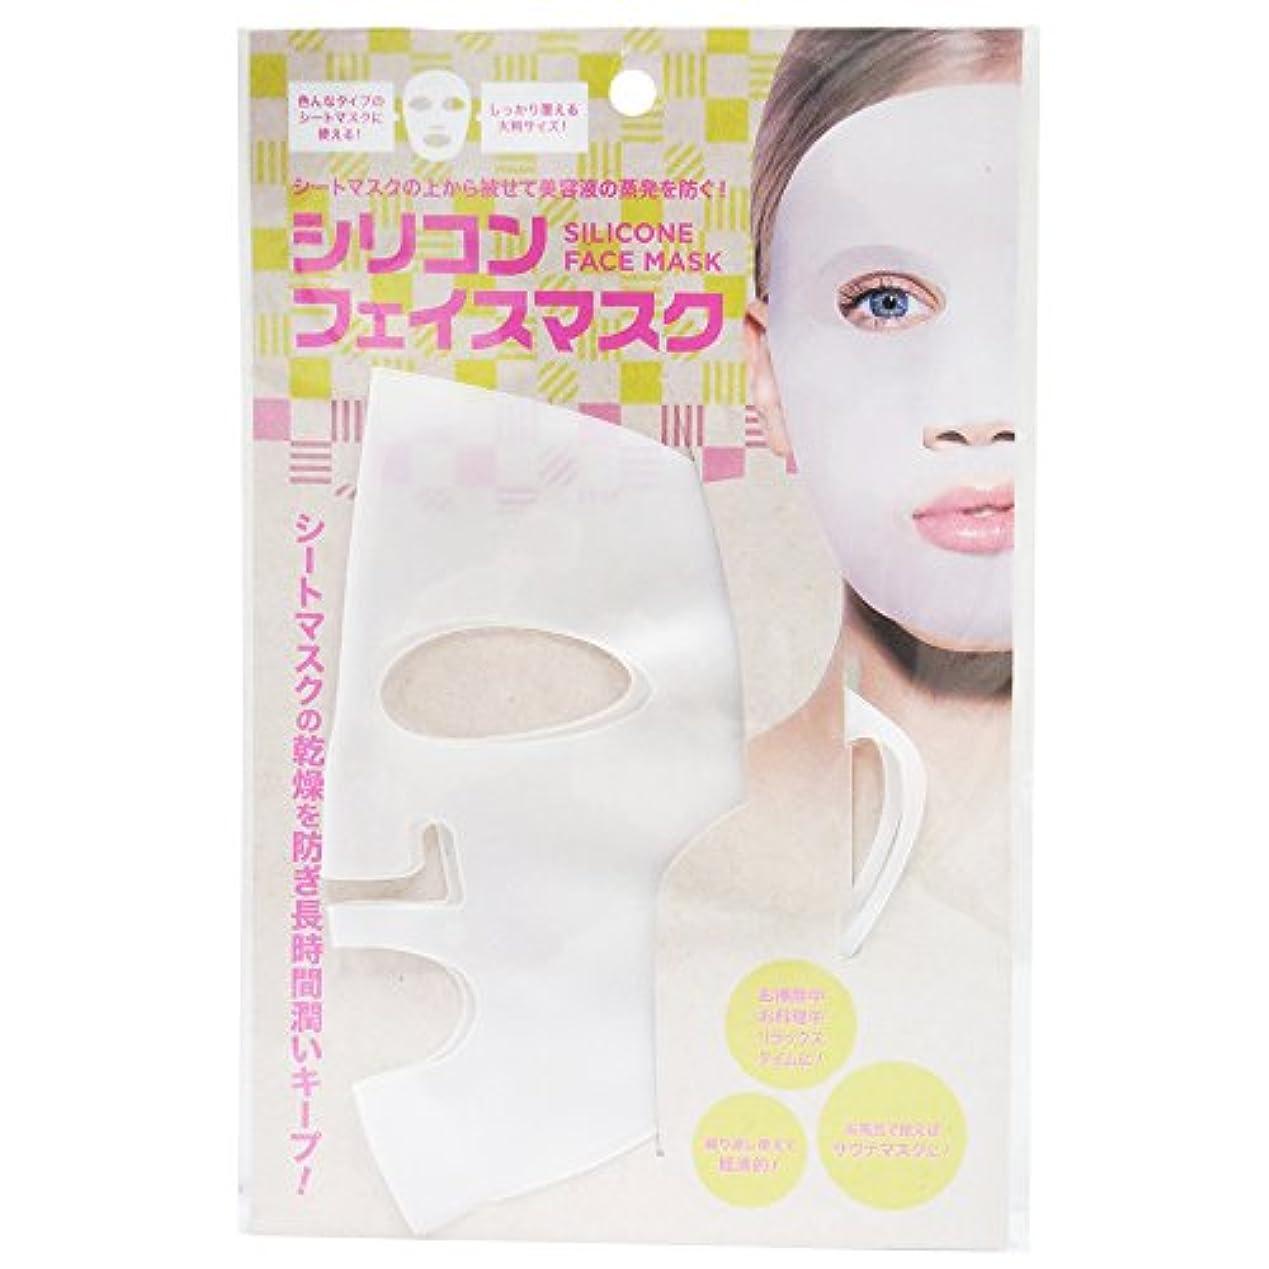 ランドリー大脳合体シリコンフェイスマスク